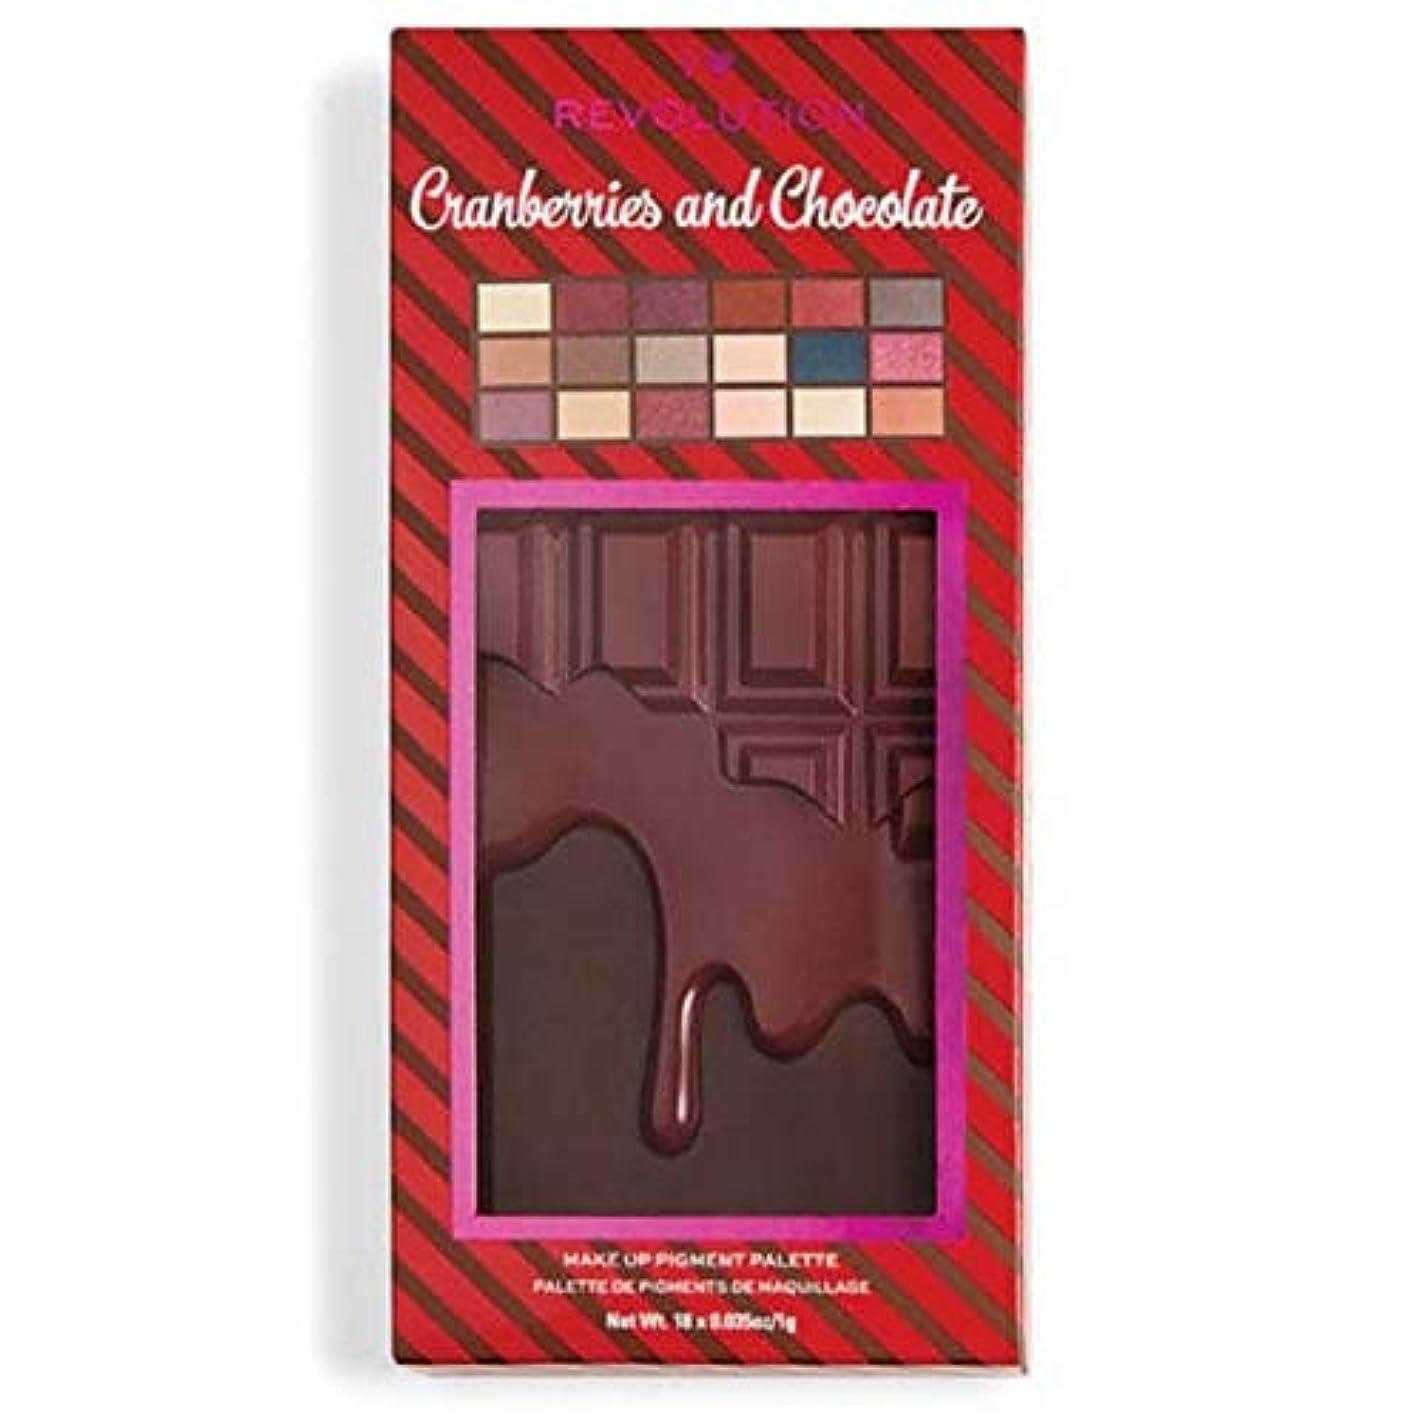 アジア人システム地平線[I Heart Revolution ] 私の心の革命クランベリー&チョコレートパレット - I Heart Revolution Cranberries & Chocolate Palette [並行輸入品]